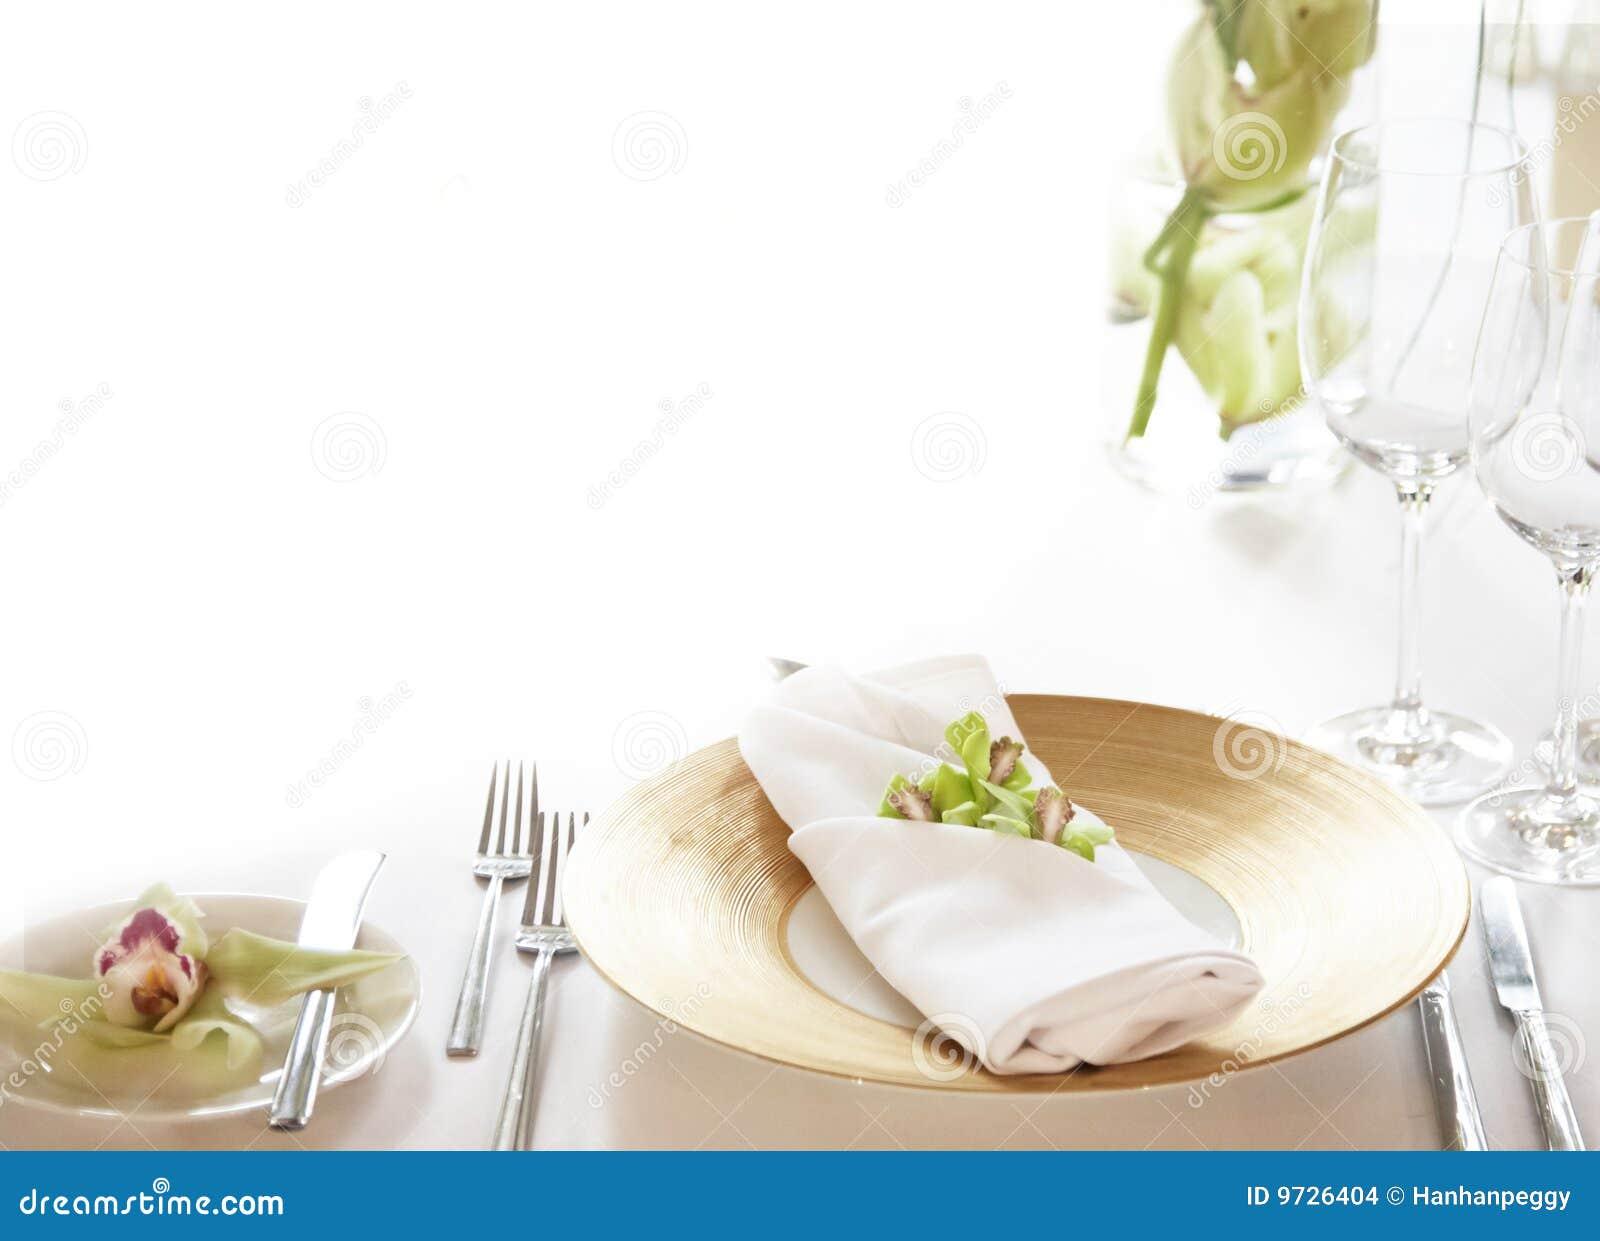 Table Setting Background elegant table setting background stock images - image: 9726404